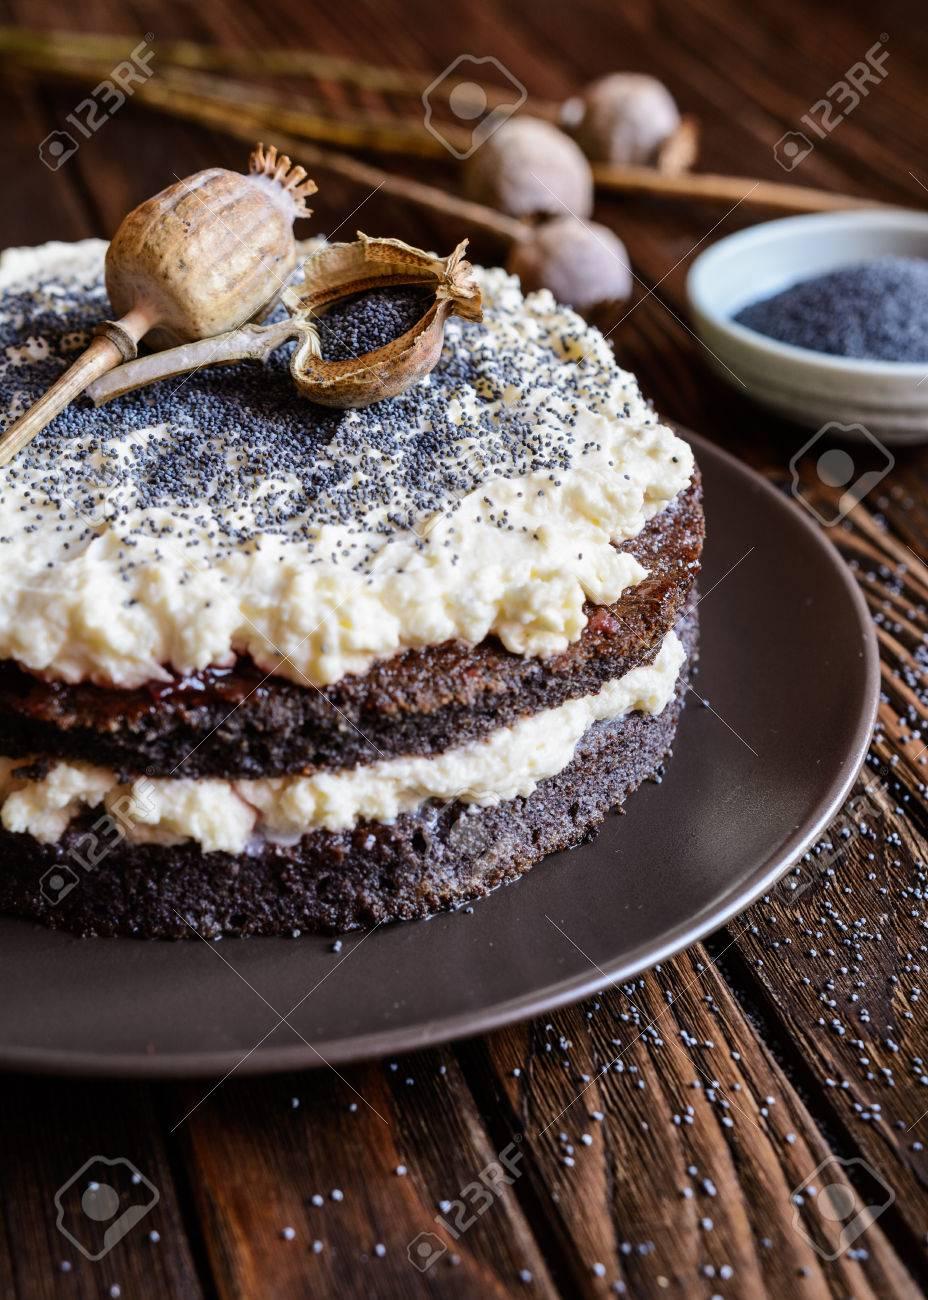 Mohn Kuchen Mit Schlagsahne Und Mascarpone Fullung Lizenzfreie Fotos